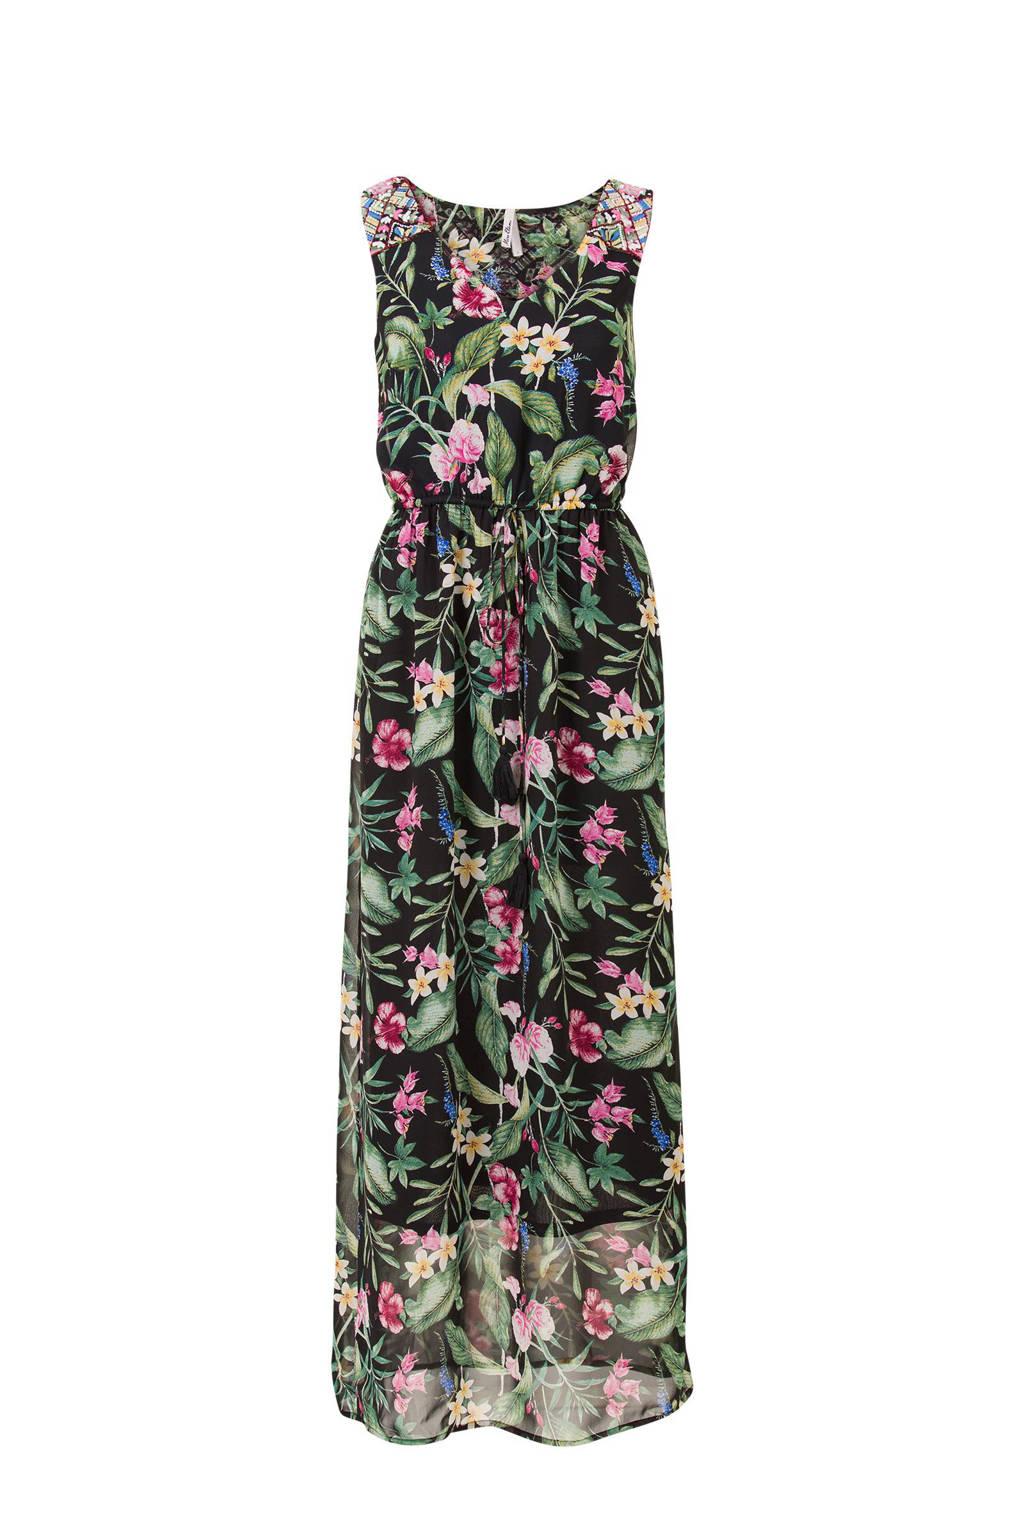 Miss Etam Regulier jurk met borduursels, Zwart